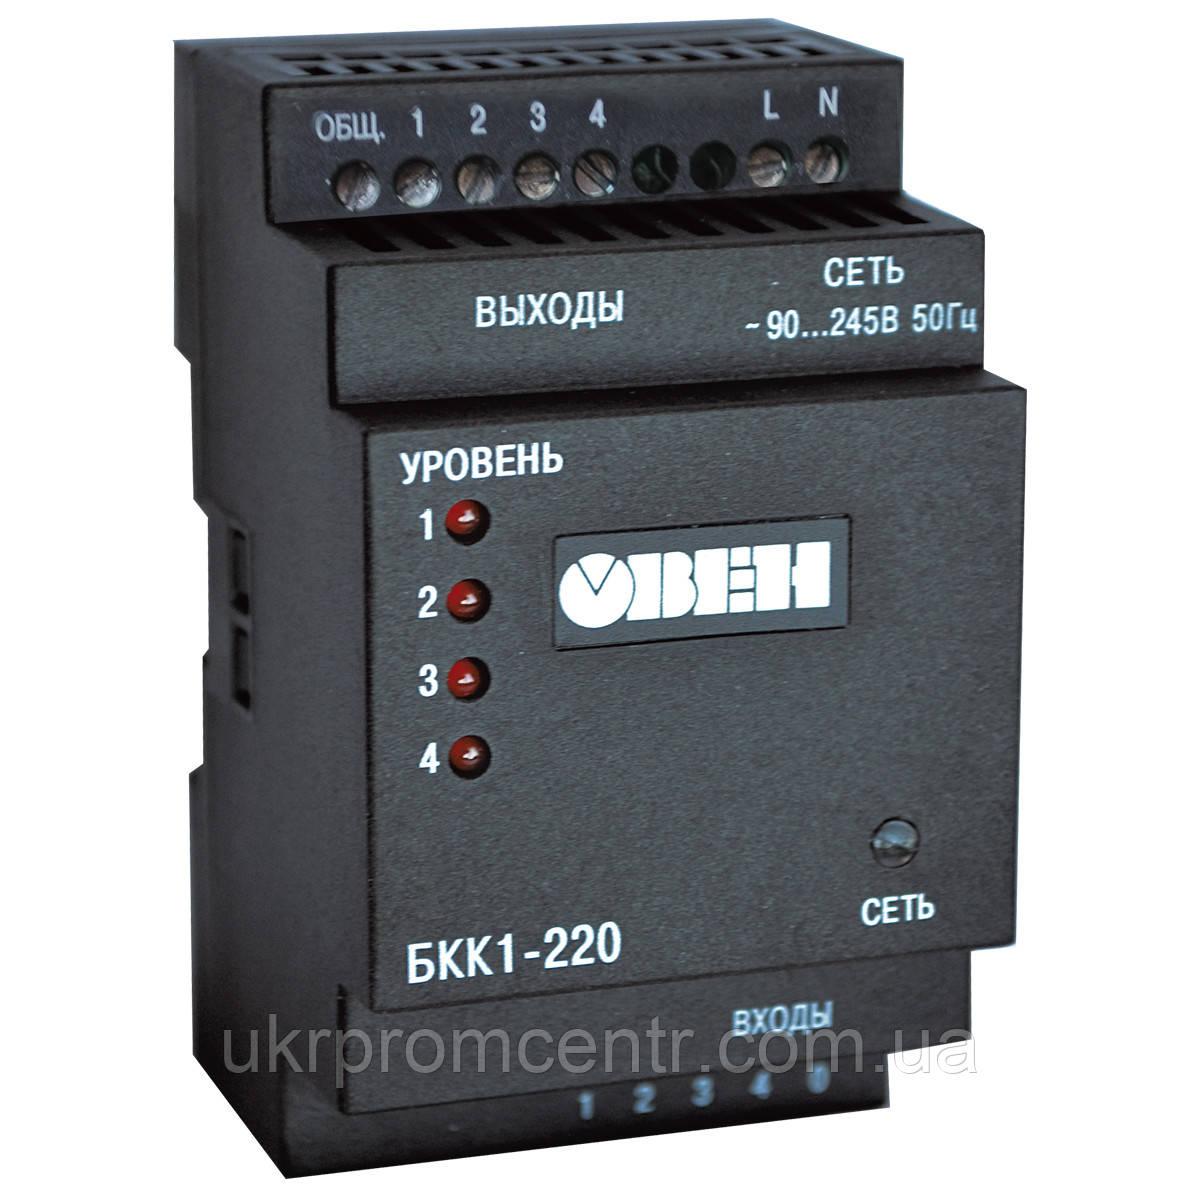 Сигнализатор уровня жидкости 4х-канальный БКК1